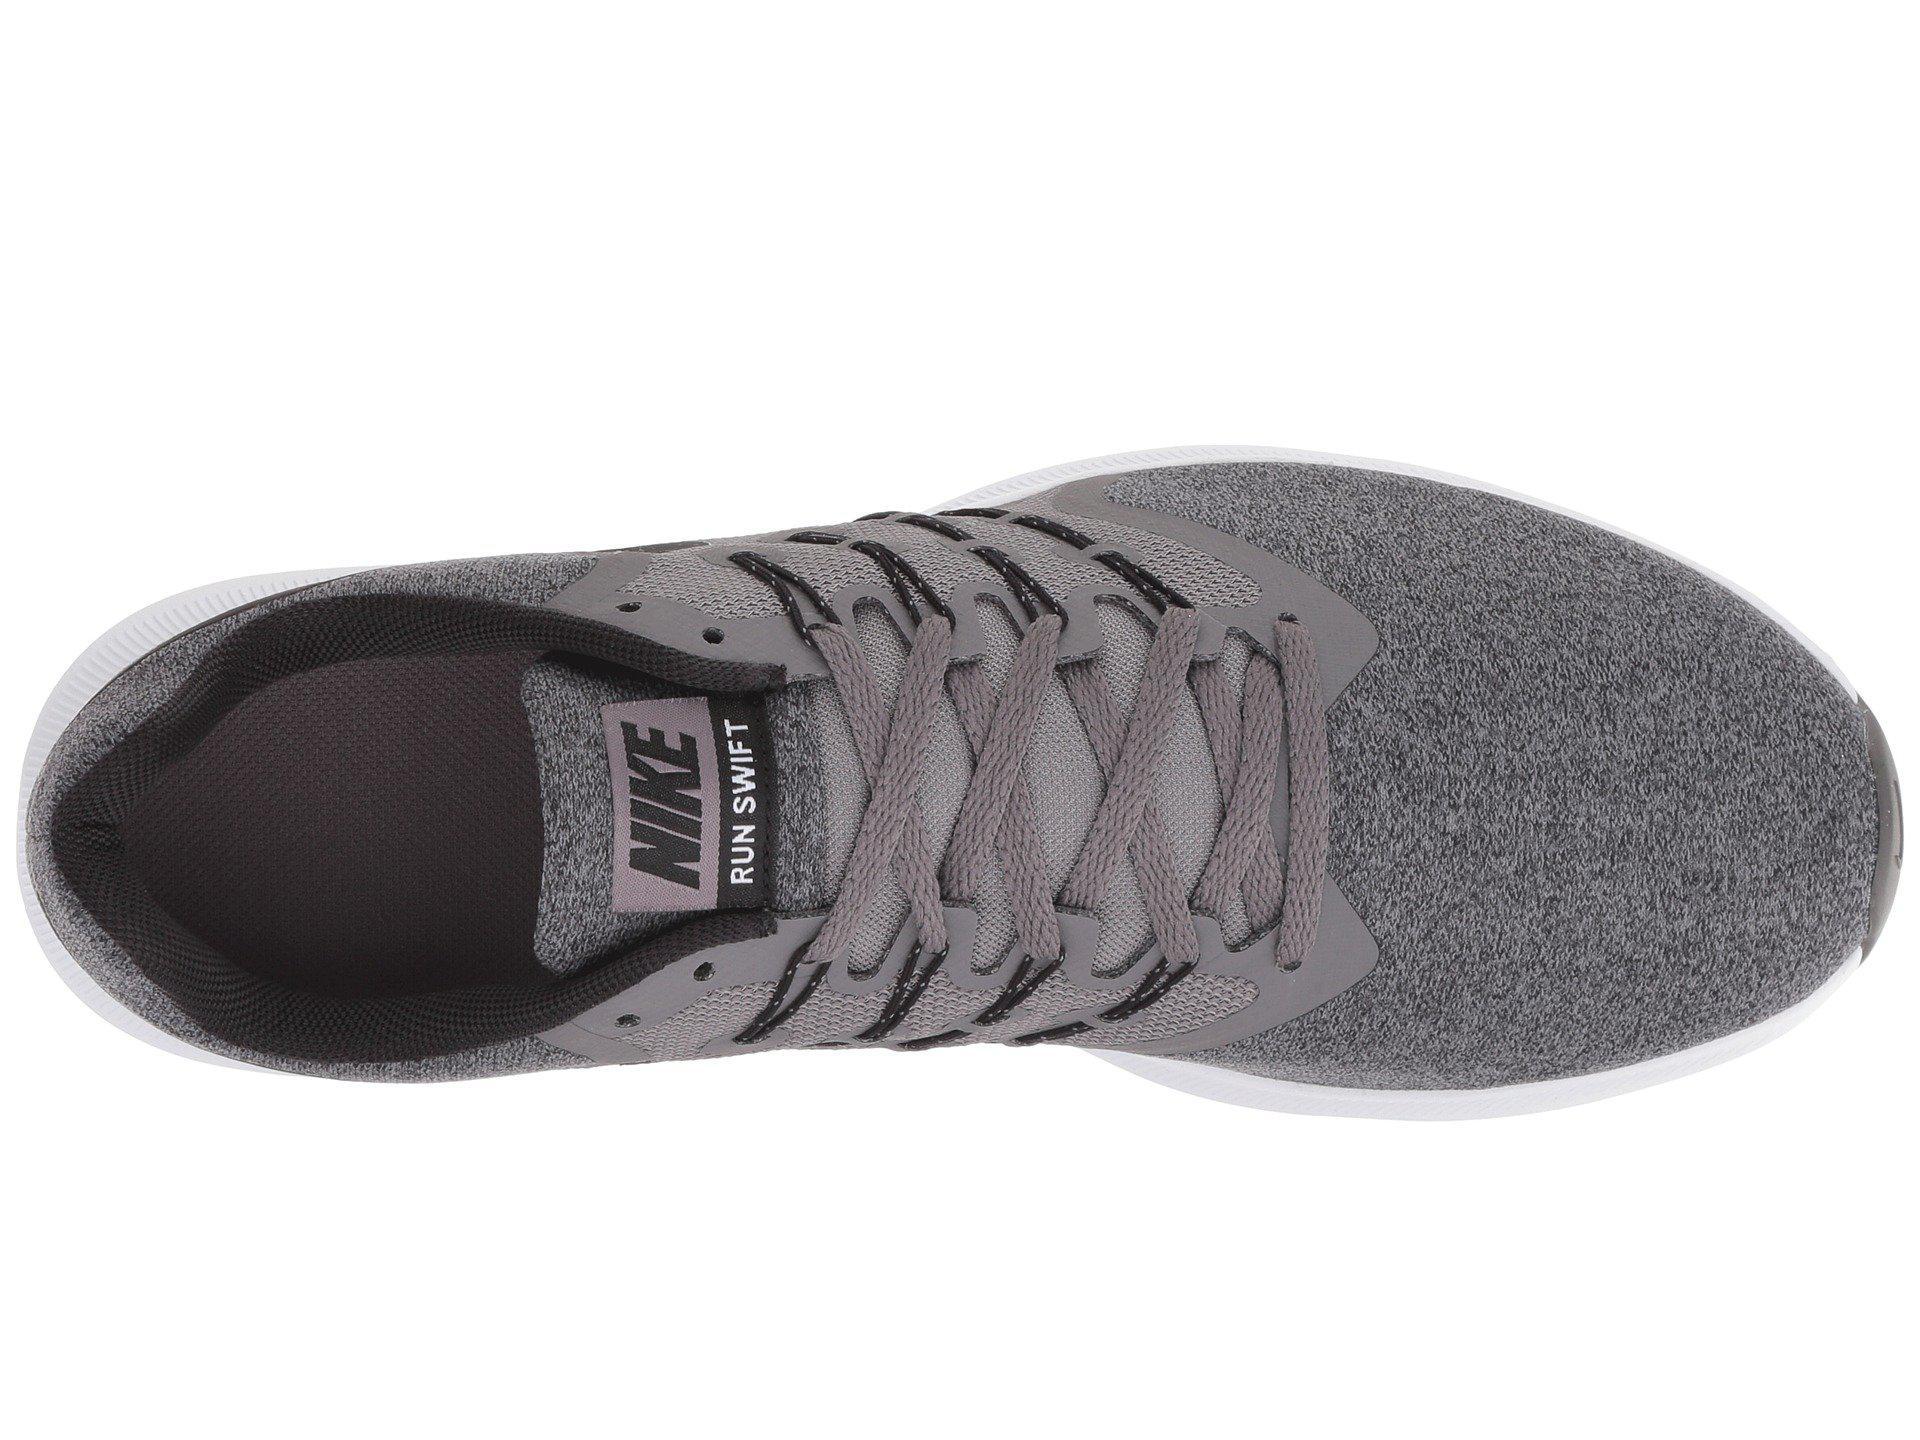 874f23f28fecc1 Nike - Multicolor Run Swift (gunsmoke black white) Men s Running Shoes for.  View fullscreen